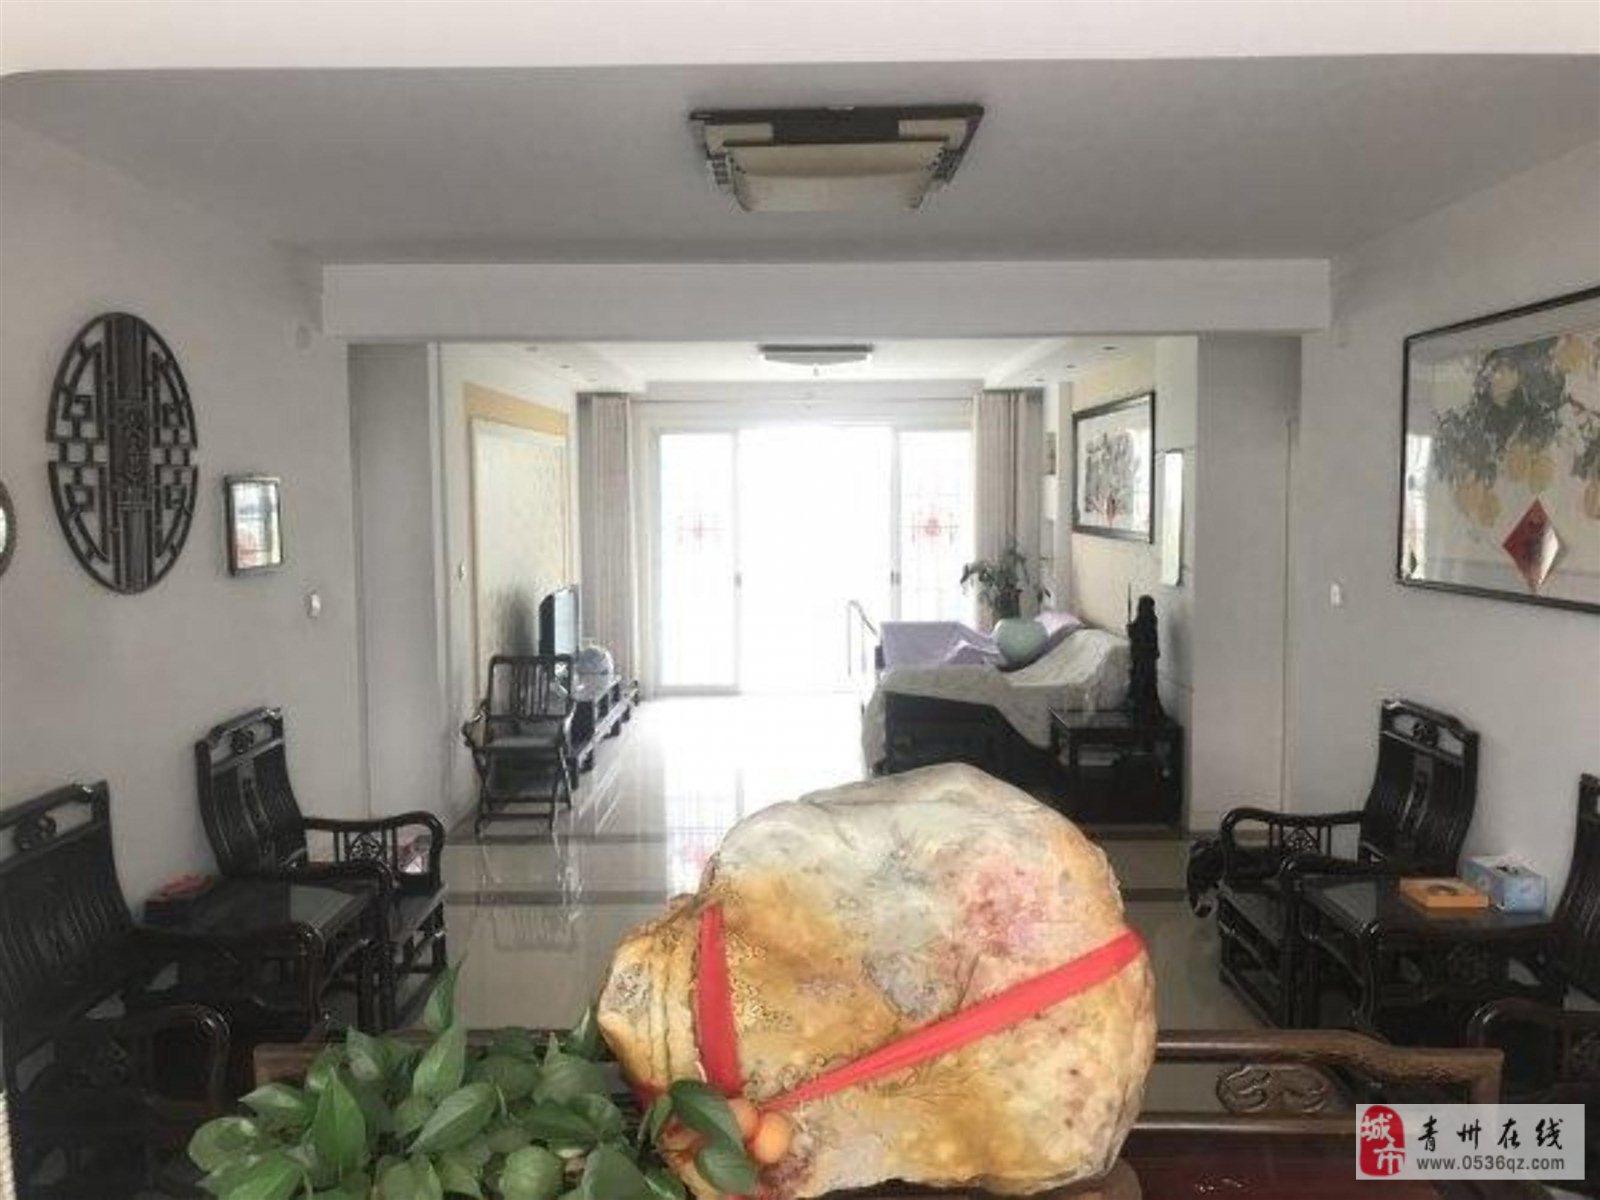 东青花园一二楼复式带超大院落精装五室南北通透239